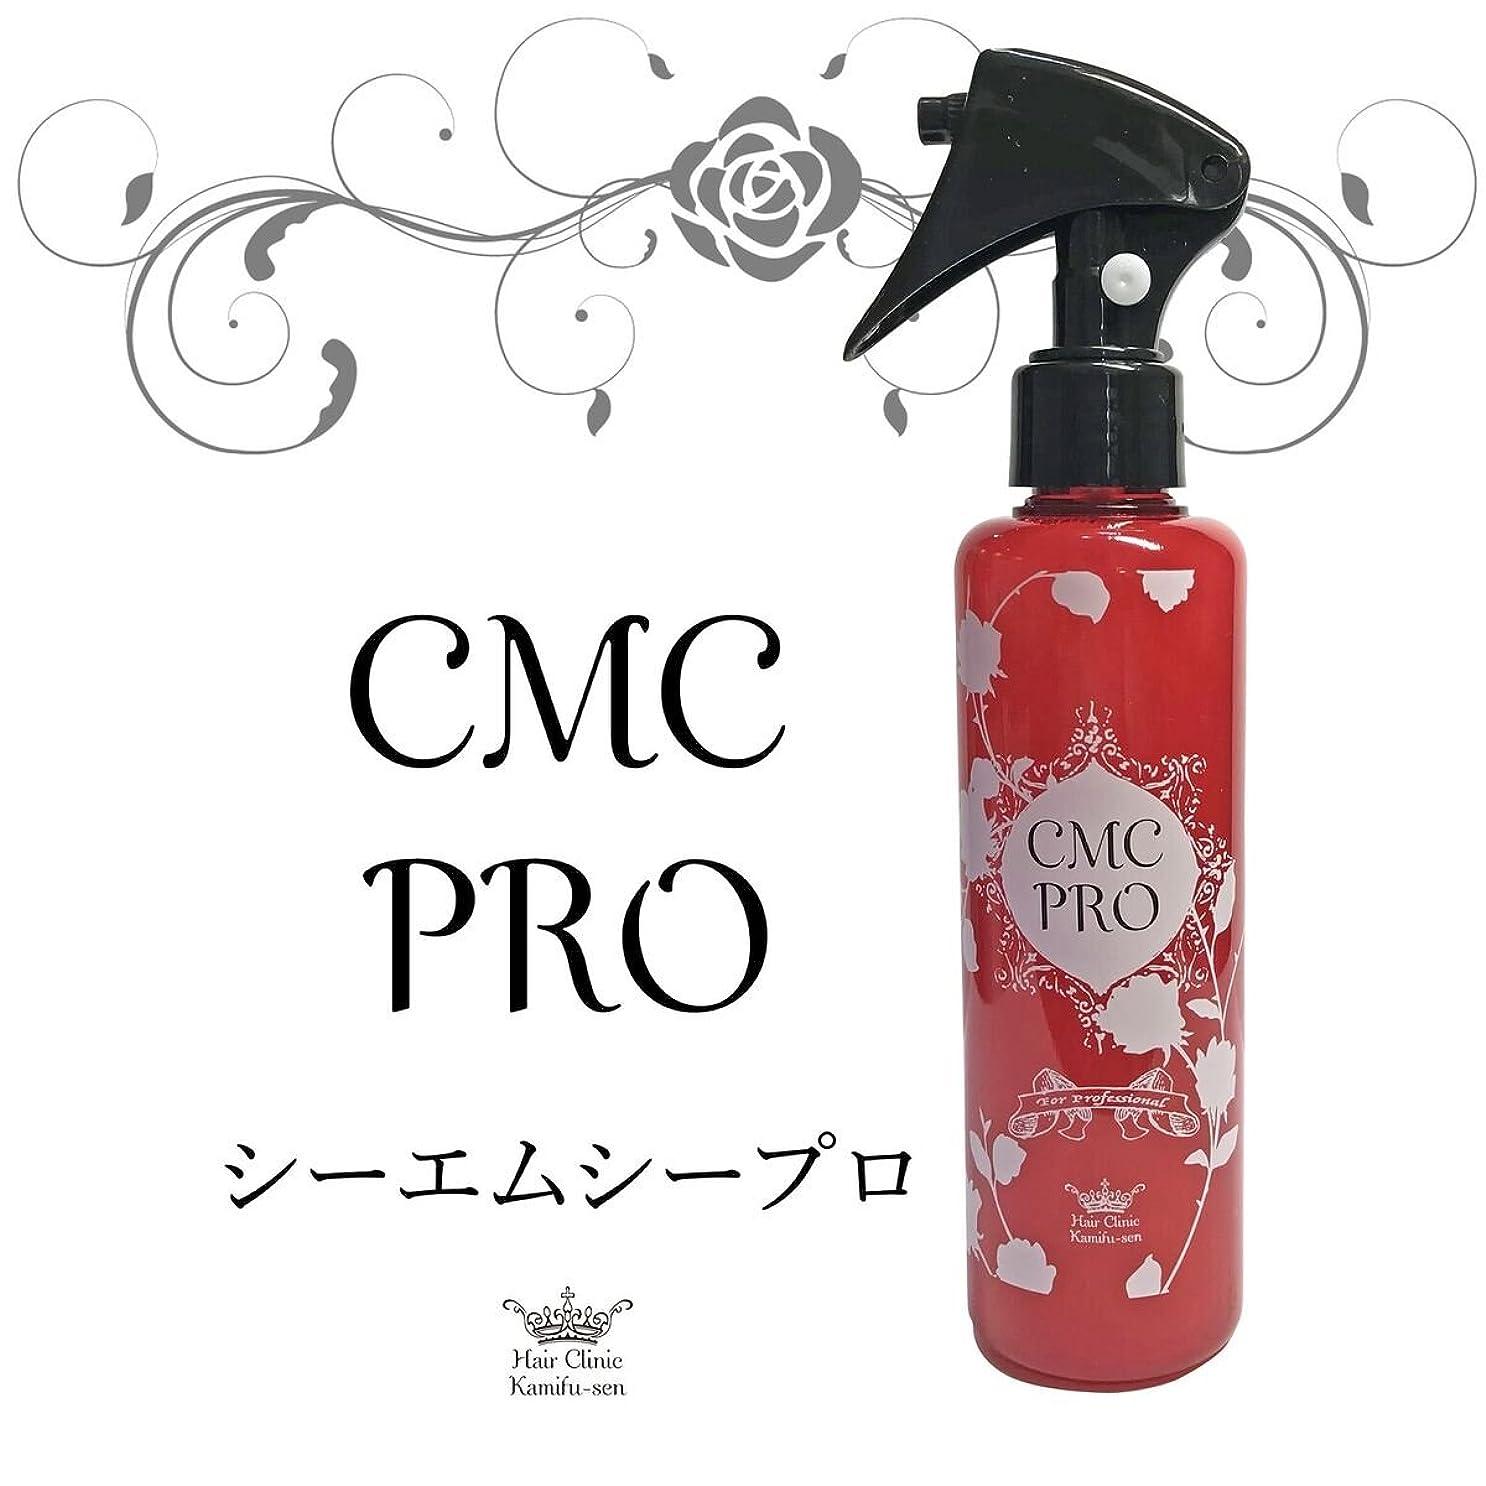 年重荷必要性CMCプロ(200ml)(バサバサ髪もしっとり髪へ、ビビリ毛修正に最適)